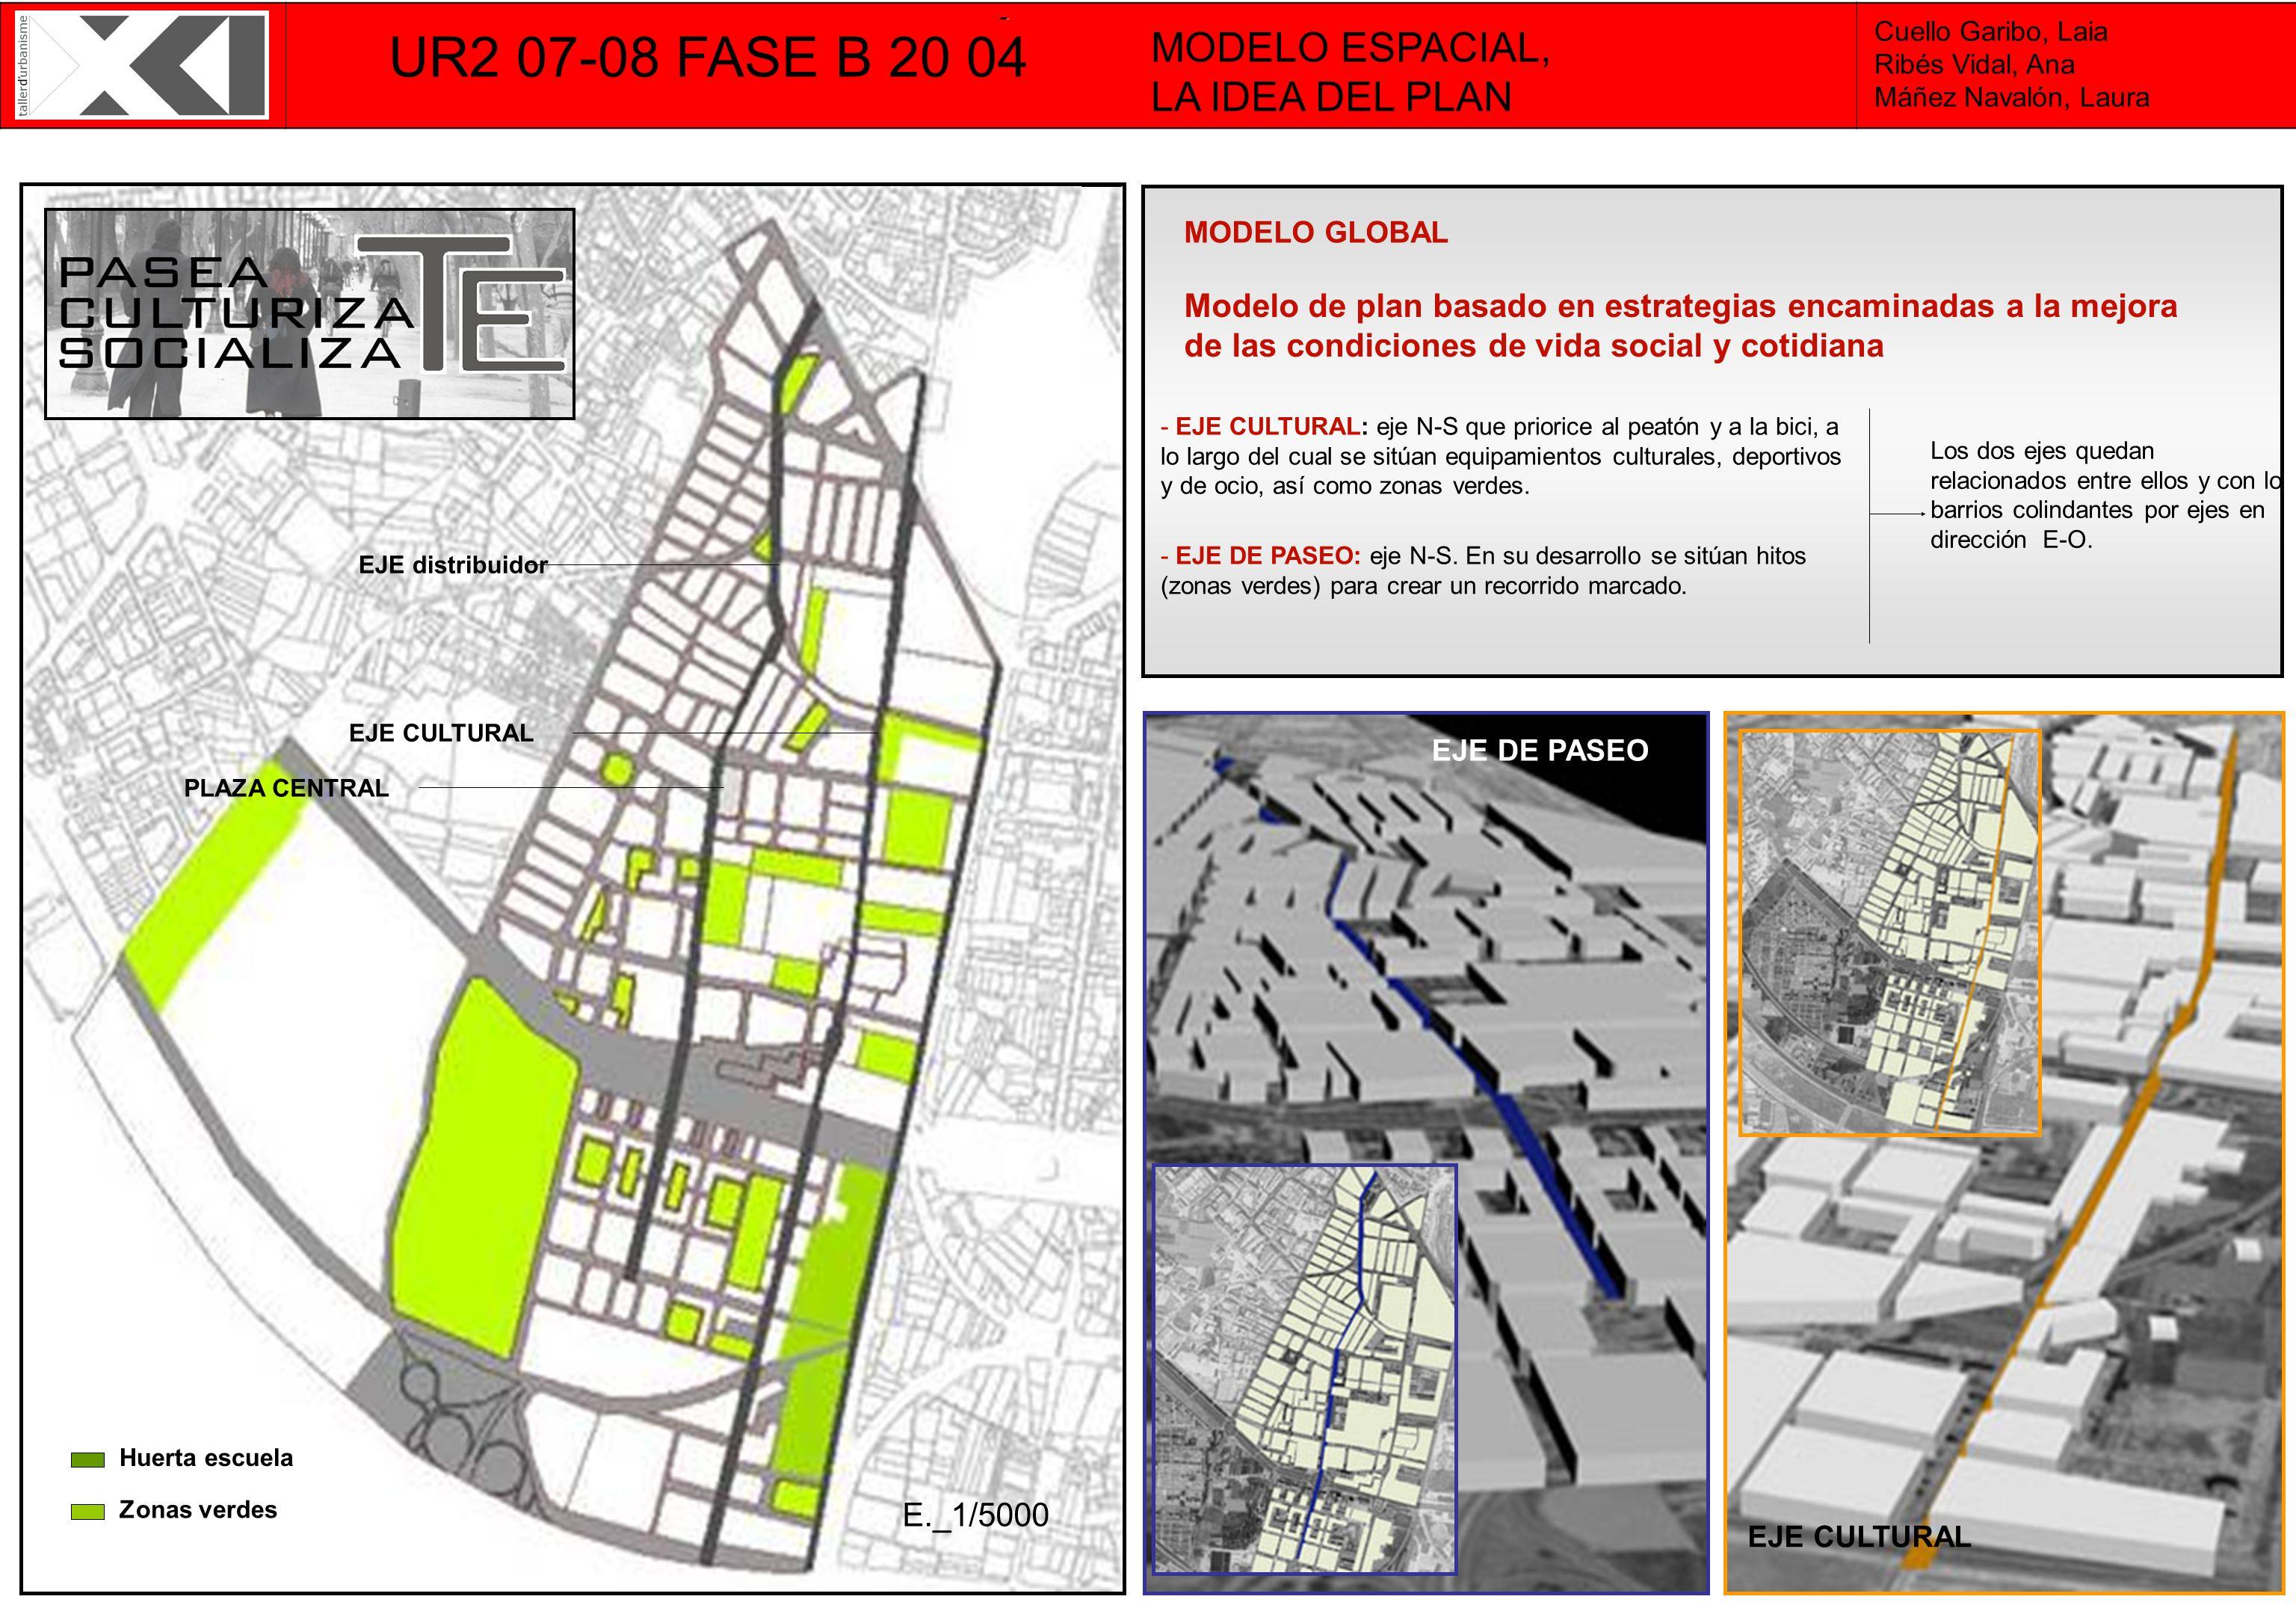 Título del Trabajo UR2 06-07 Fase A GG PP Título del Trabajo Apellido Apellido, Nombre Los dos ejes quedan relacionados entre ellos y con lo barrios c